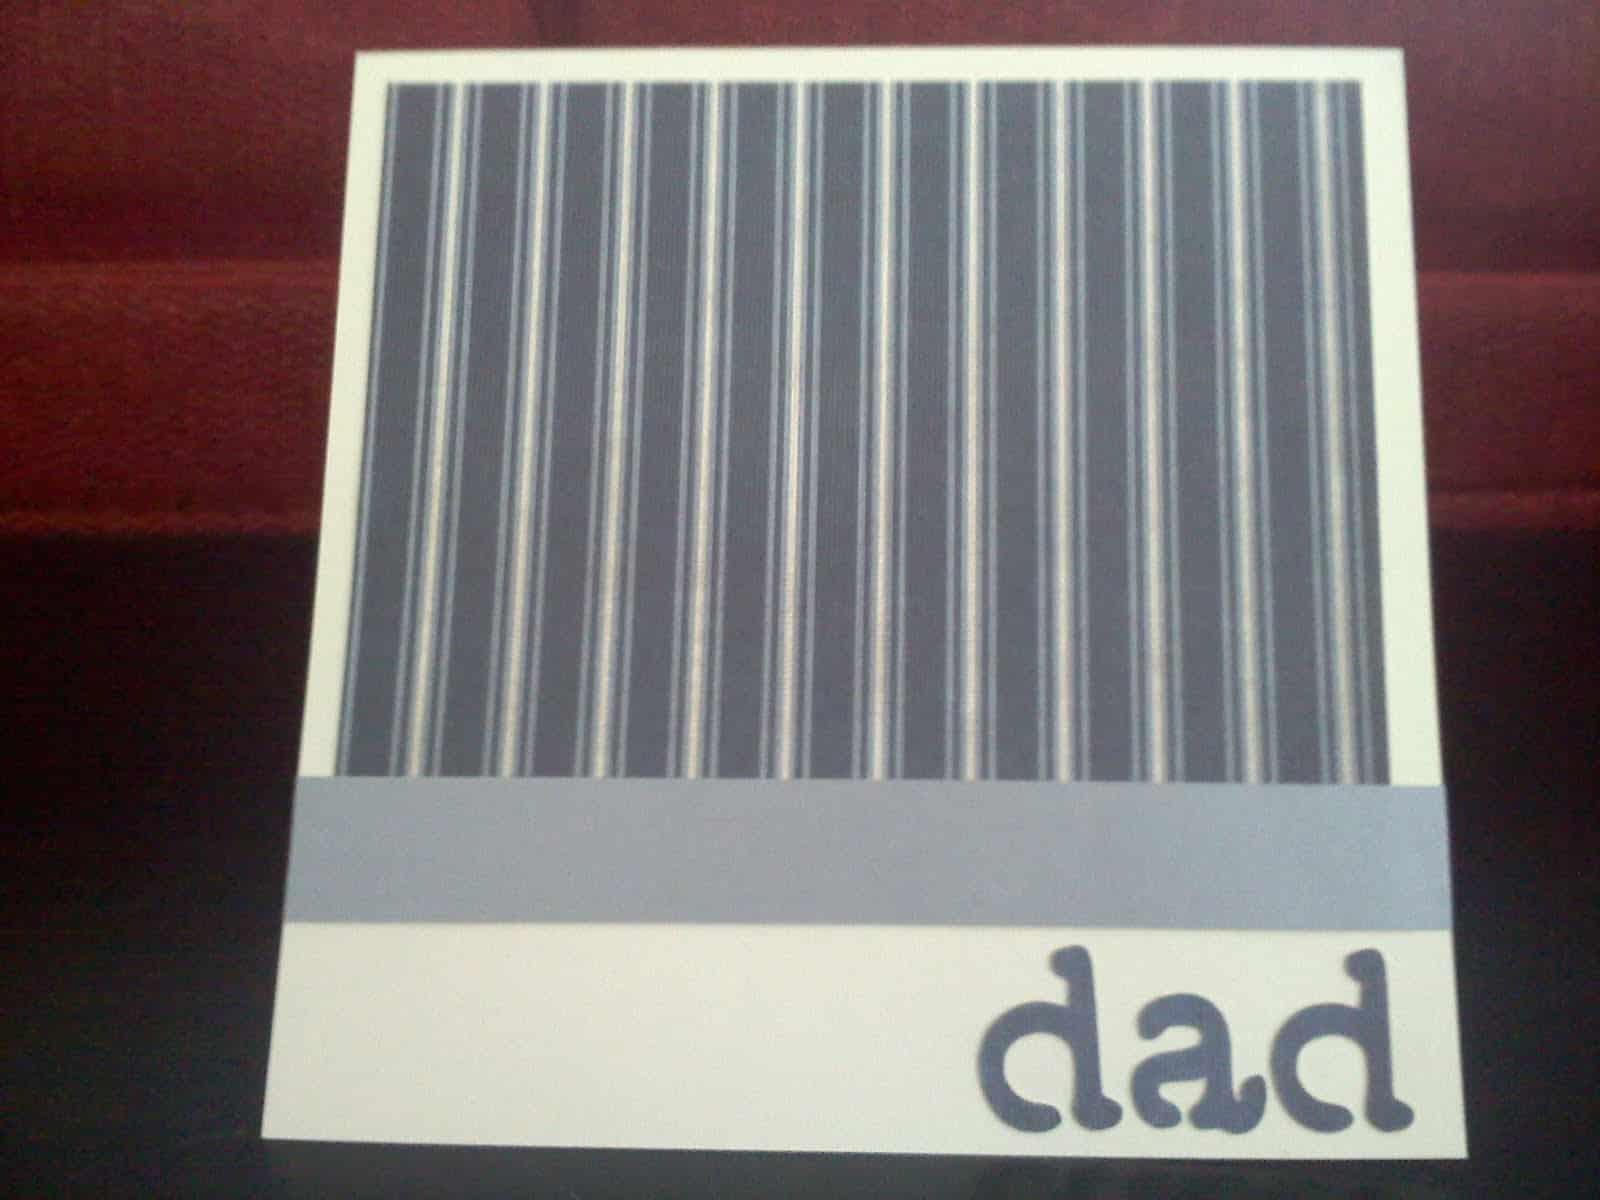 fathersdaycard2